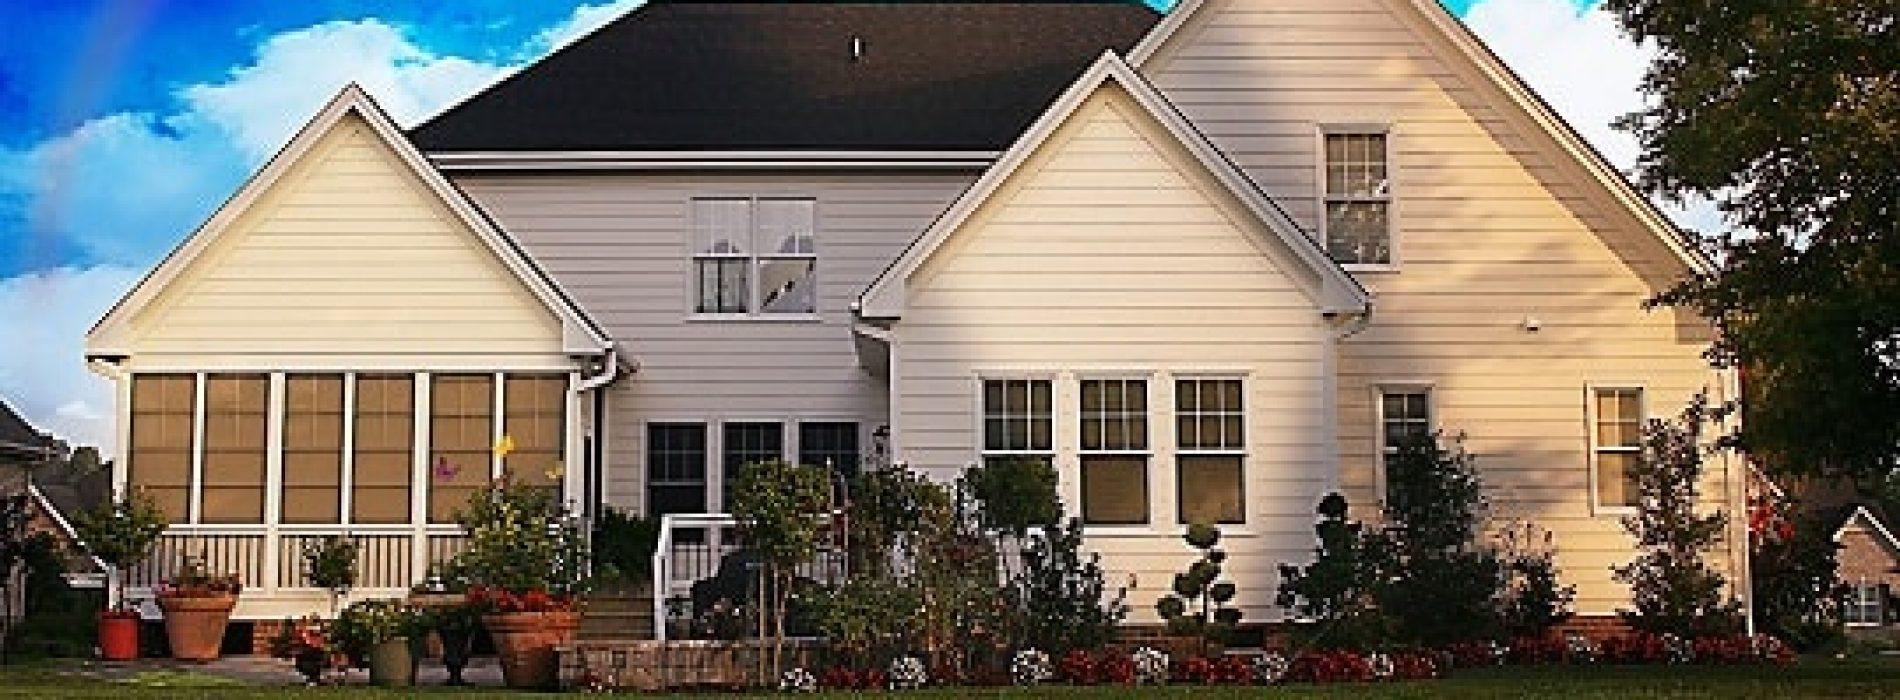 Radonmåling – Hvor mye radongass er det i din bolig ?